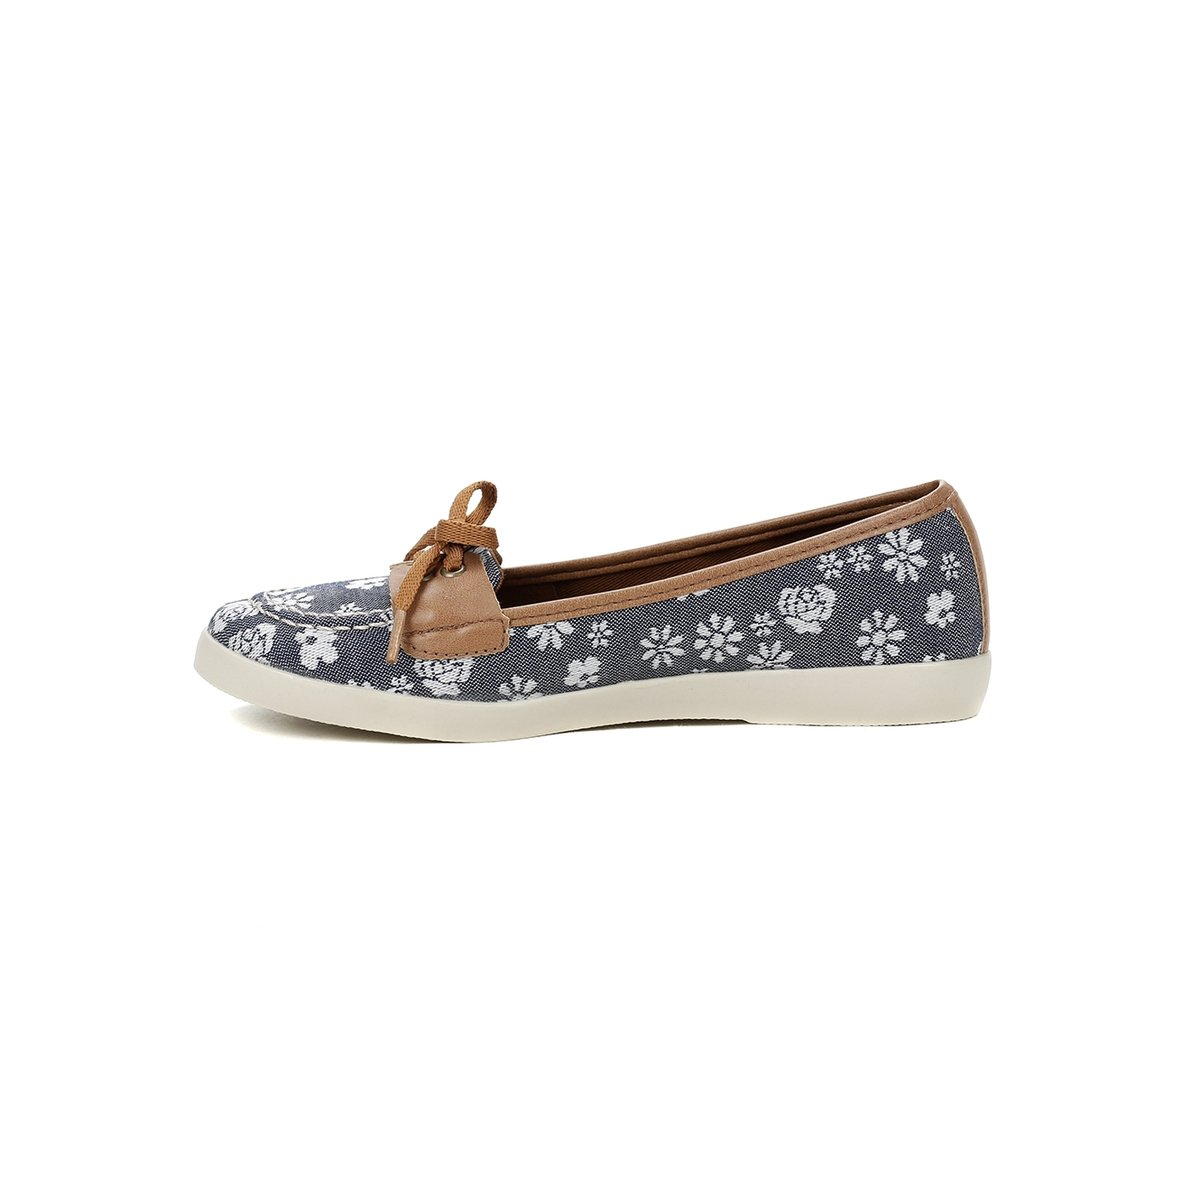 Azul Sapato marrom Azul Feminino e Sapato Mocassim Mocassim Marrom qwpCqUgT